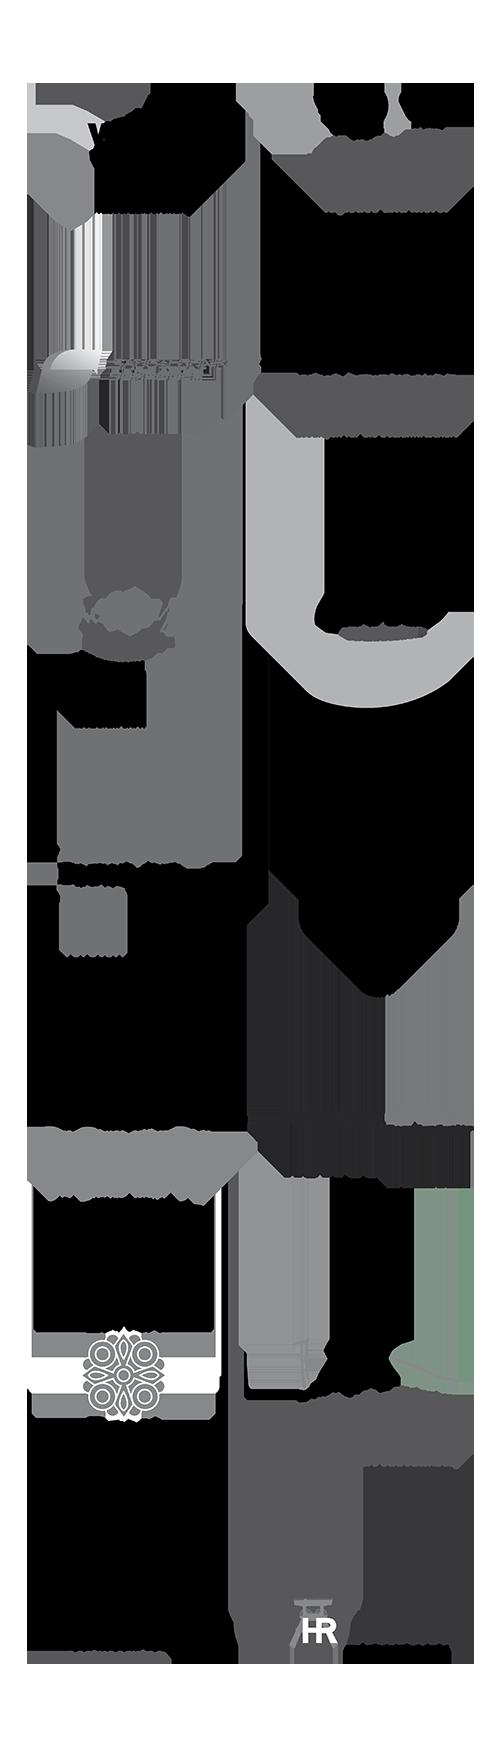 Referenzen Logos